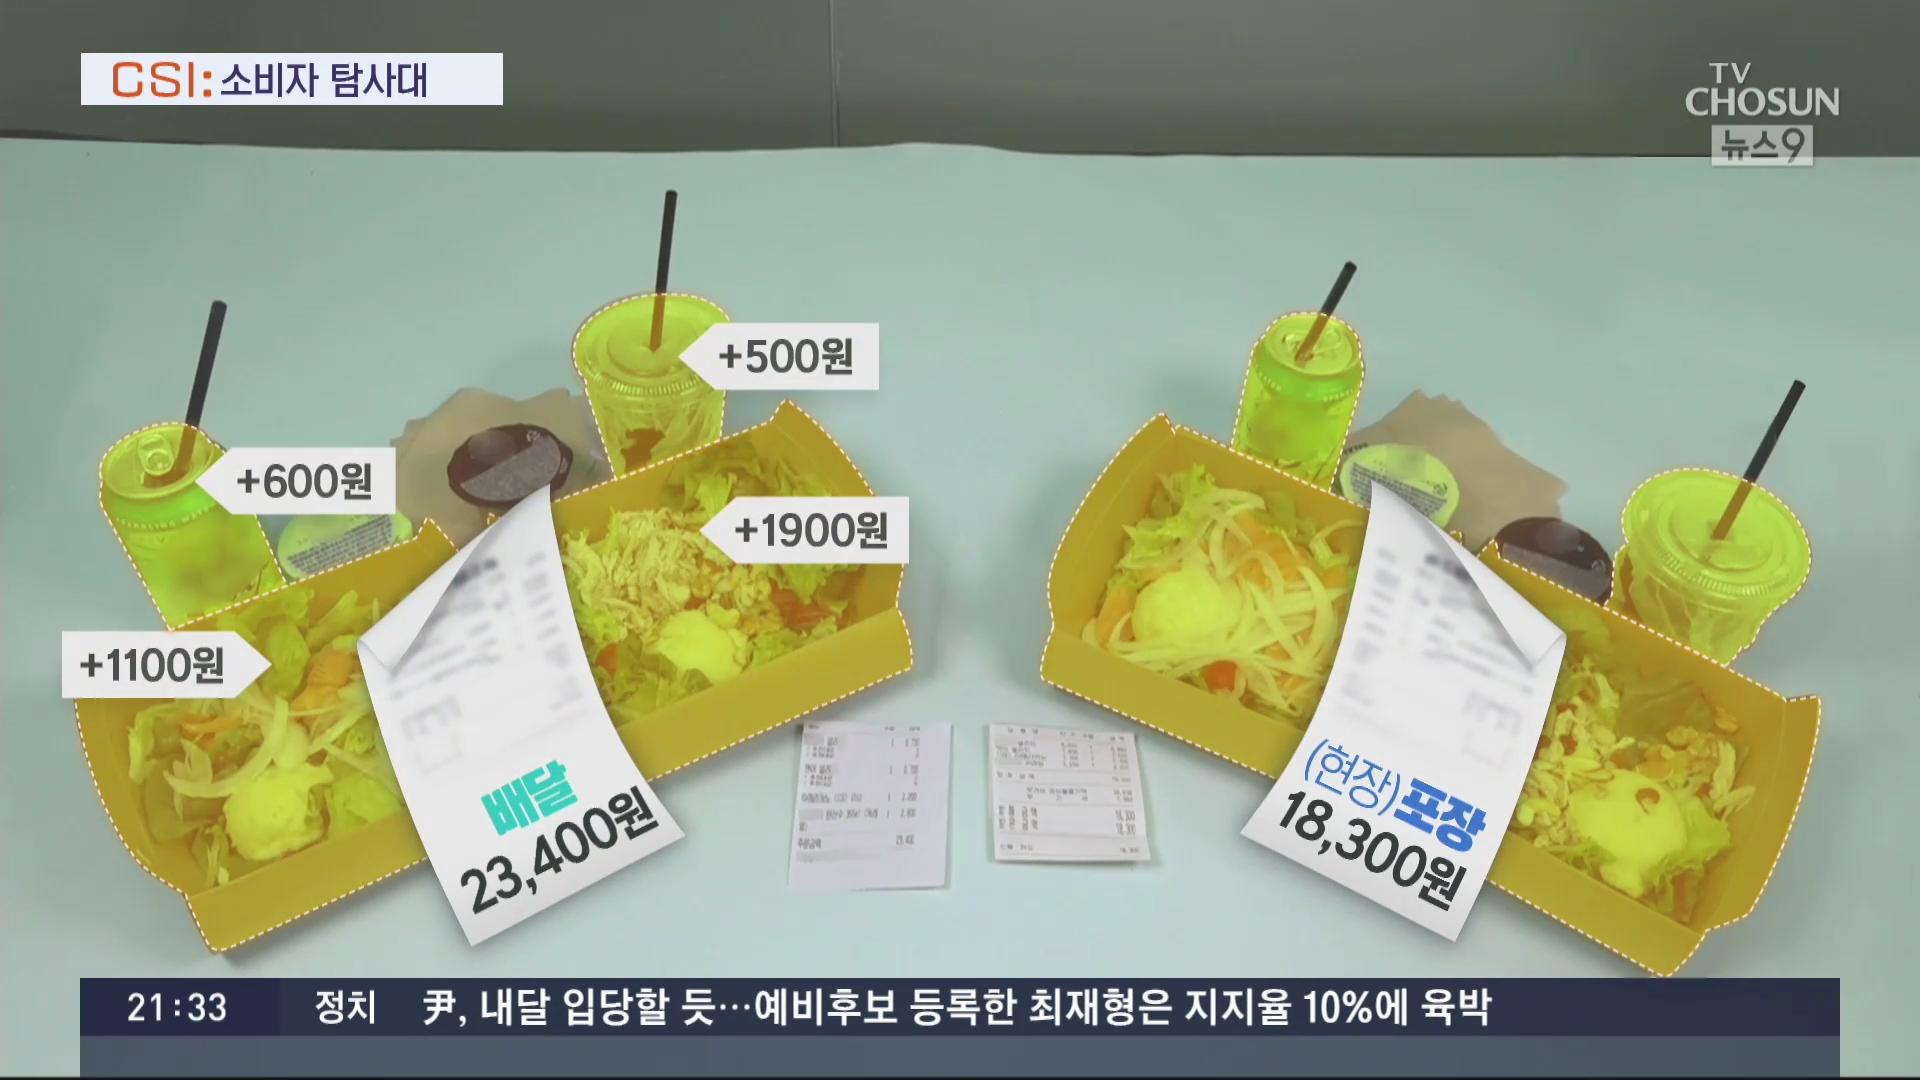 [CSI] 소액·단품 배달료 '갈등'…'남는 게 없다' 업체 '하소연'